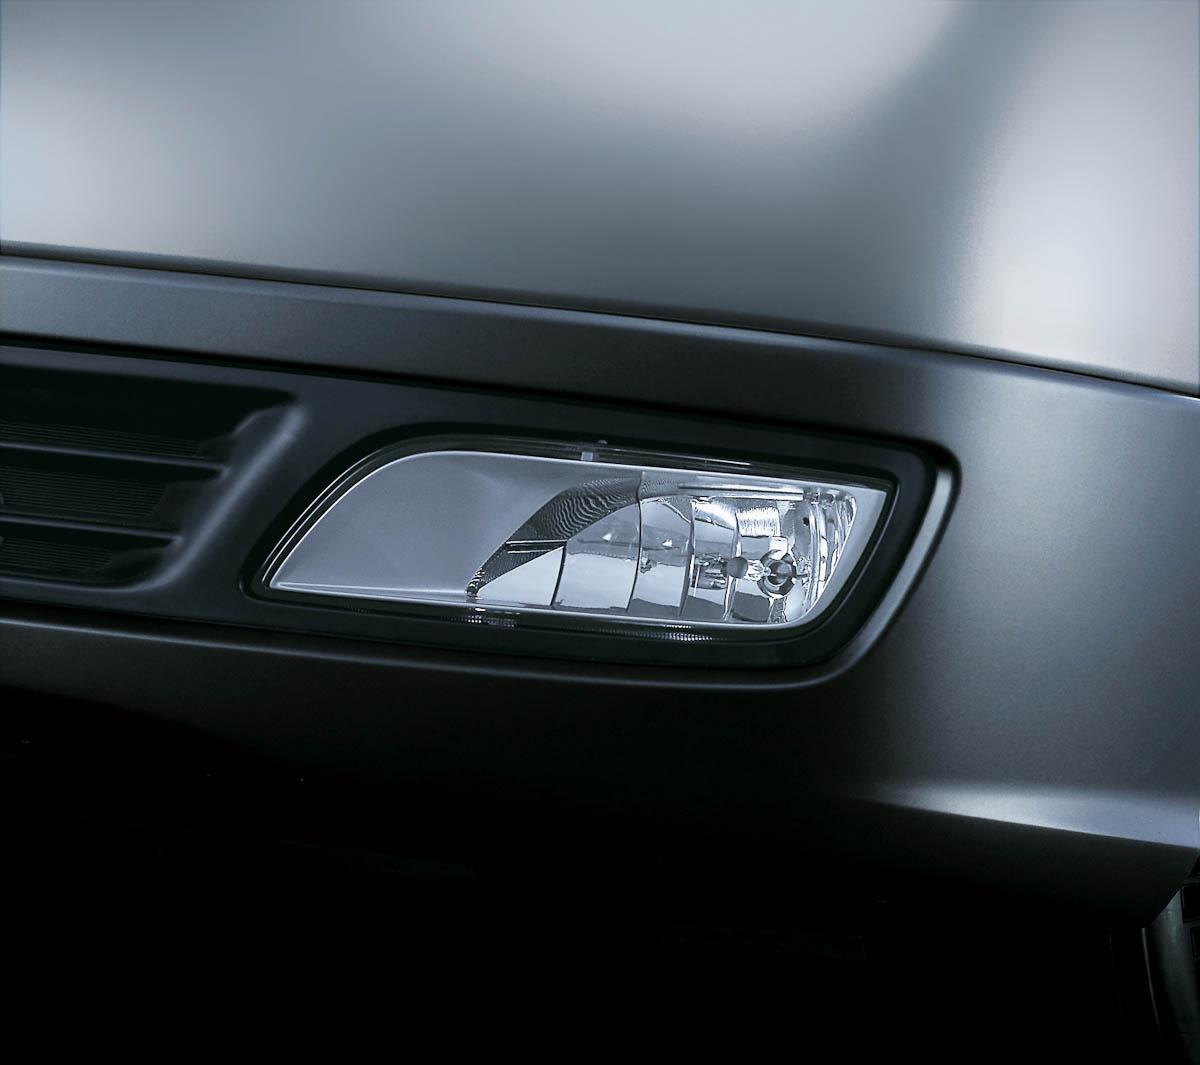 Hyundai I800 Price: Hyundai I800 8 Seater Car